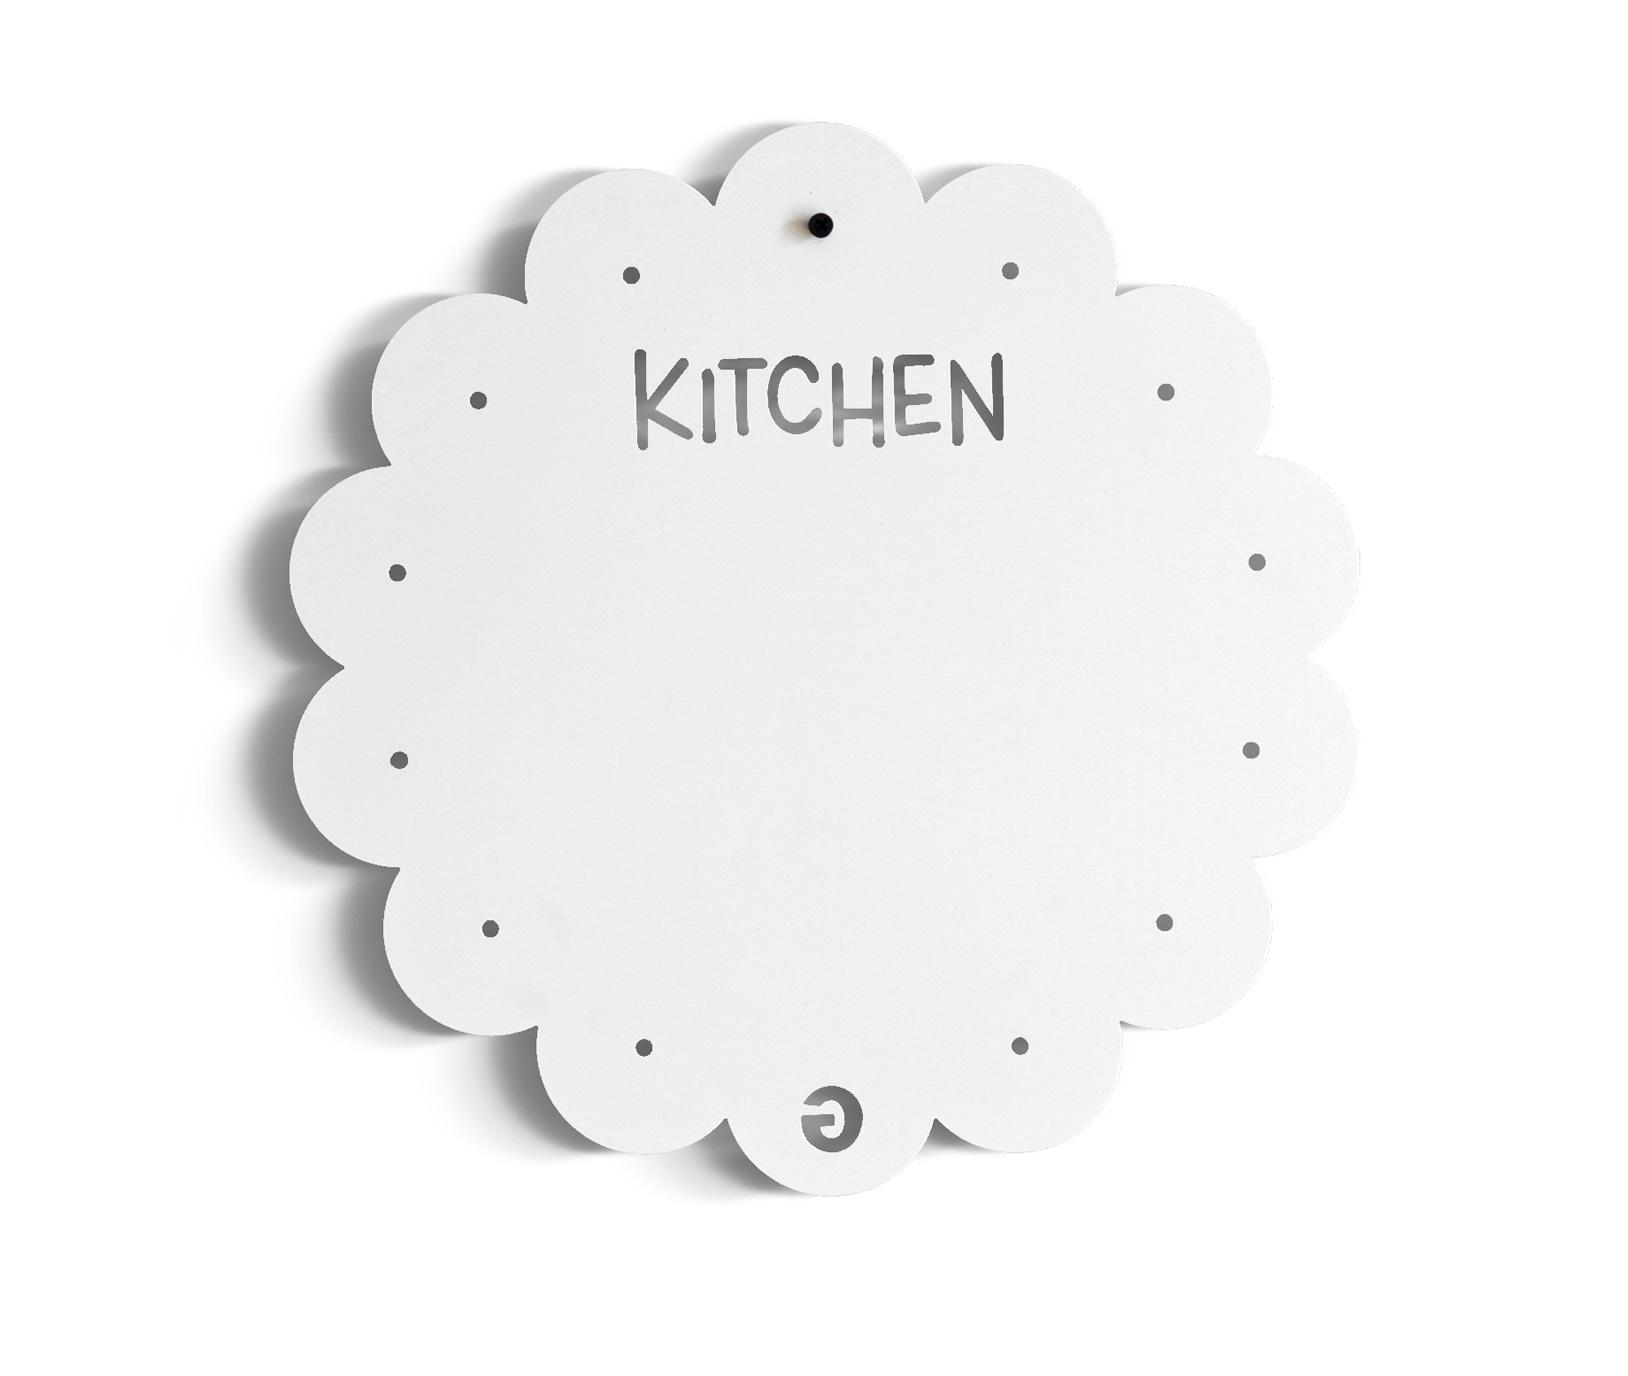 Доска для магнитов KITCHENАксессуары для кухни<br>Доска для магнитов&amp;amp;nbsp;KITCHEN является оригинальным и стильным решением для заметок, сообщений, уведомлений и просто в качестве необычного предмета декора в Вашей кухне. Этот предмет интерьера идеально подходит для любых помещений - домов, офисов, детских комнат, кухонь. <br><br>Доска для магнитов&amp;amp;nbsp;KITCHEN&amp;amp;nbsp;легко<br> крепится к стене с помощью дюбелей которые Вы найдете в комплекте. Вы <br>также, можете приклеить доску для магнитов, используя специальный, двусторонний скотч или подвесить, используя декоративную веревку контрастного цвета (не идет в комплекте).<br><br>Material: Сталь